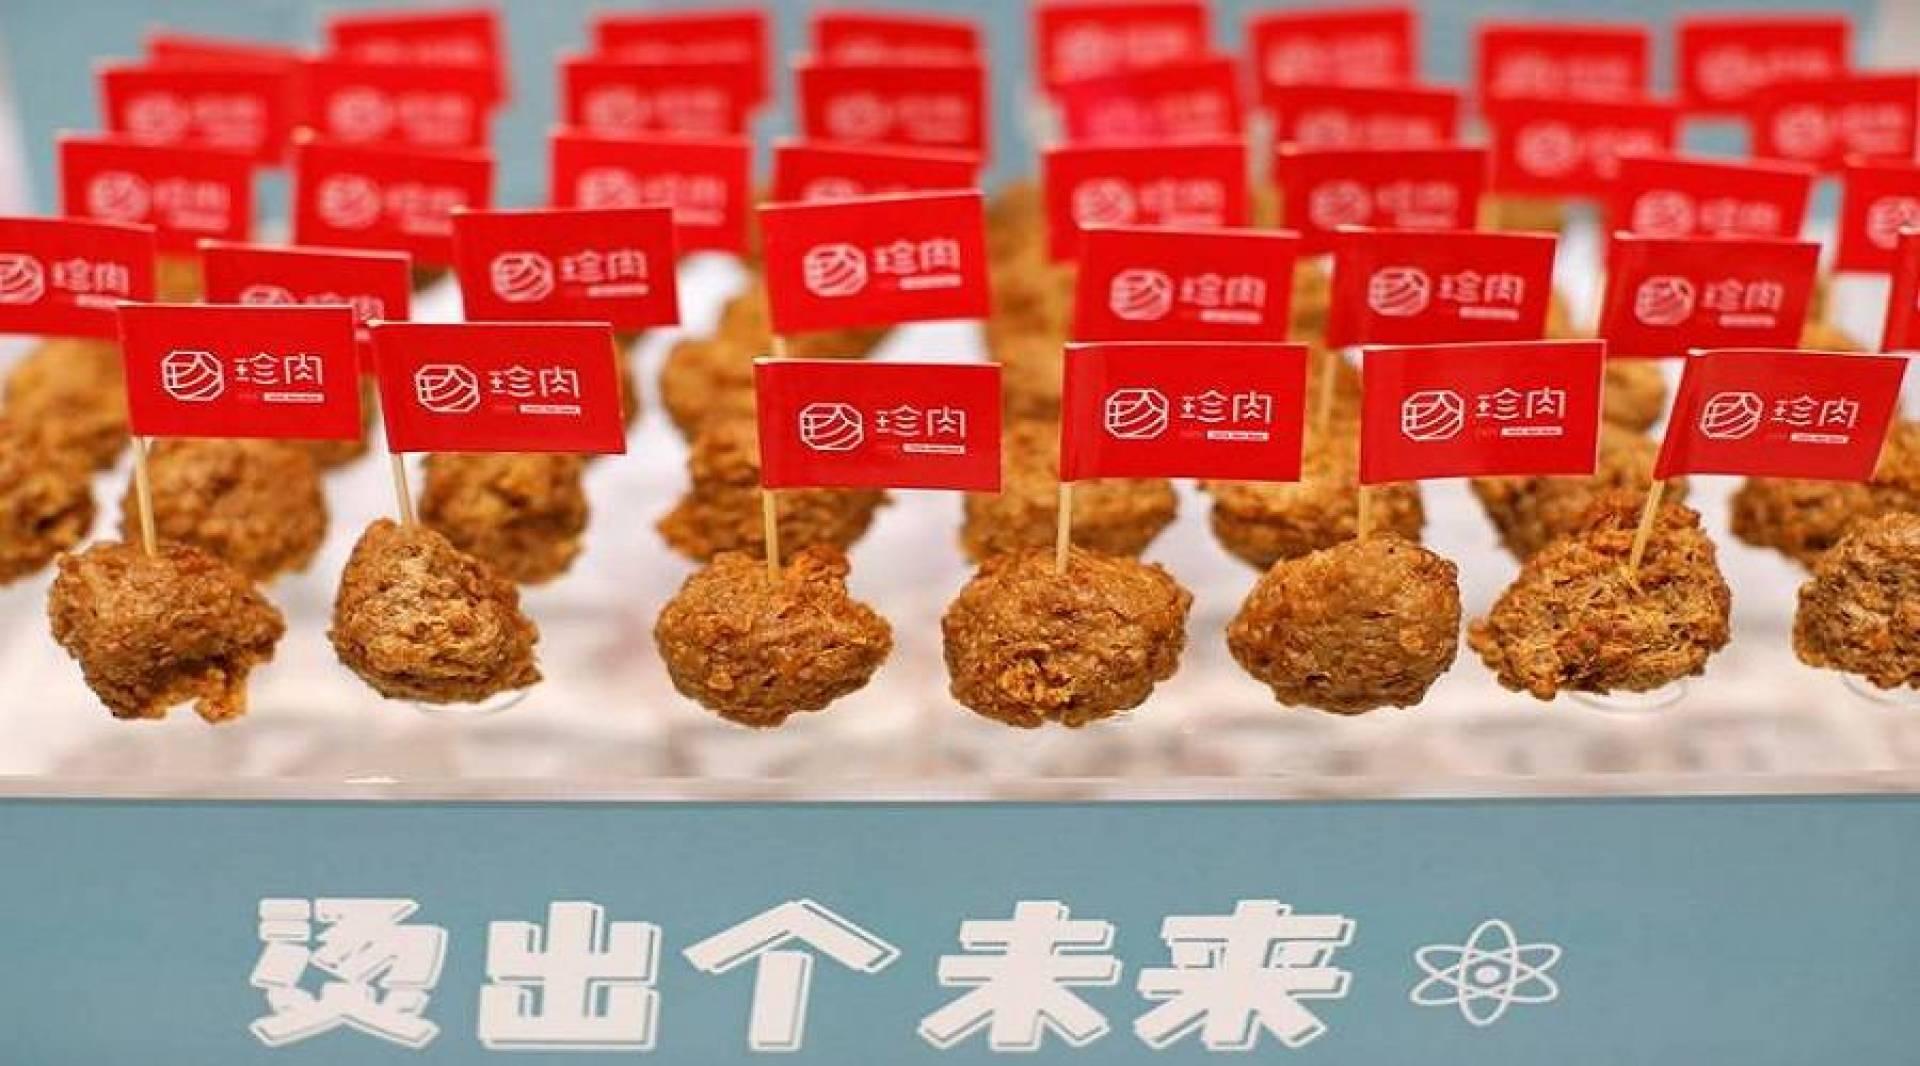 شركات صينية تستعد لغزو الأسواق العالمية بـ «اللحوم النباتية»